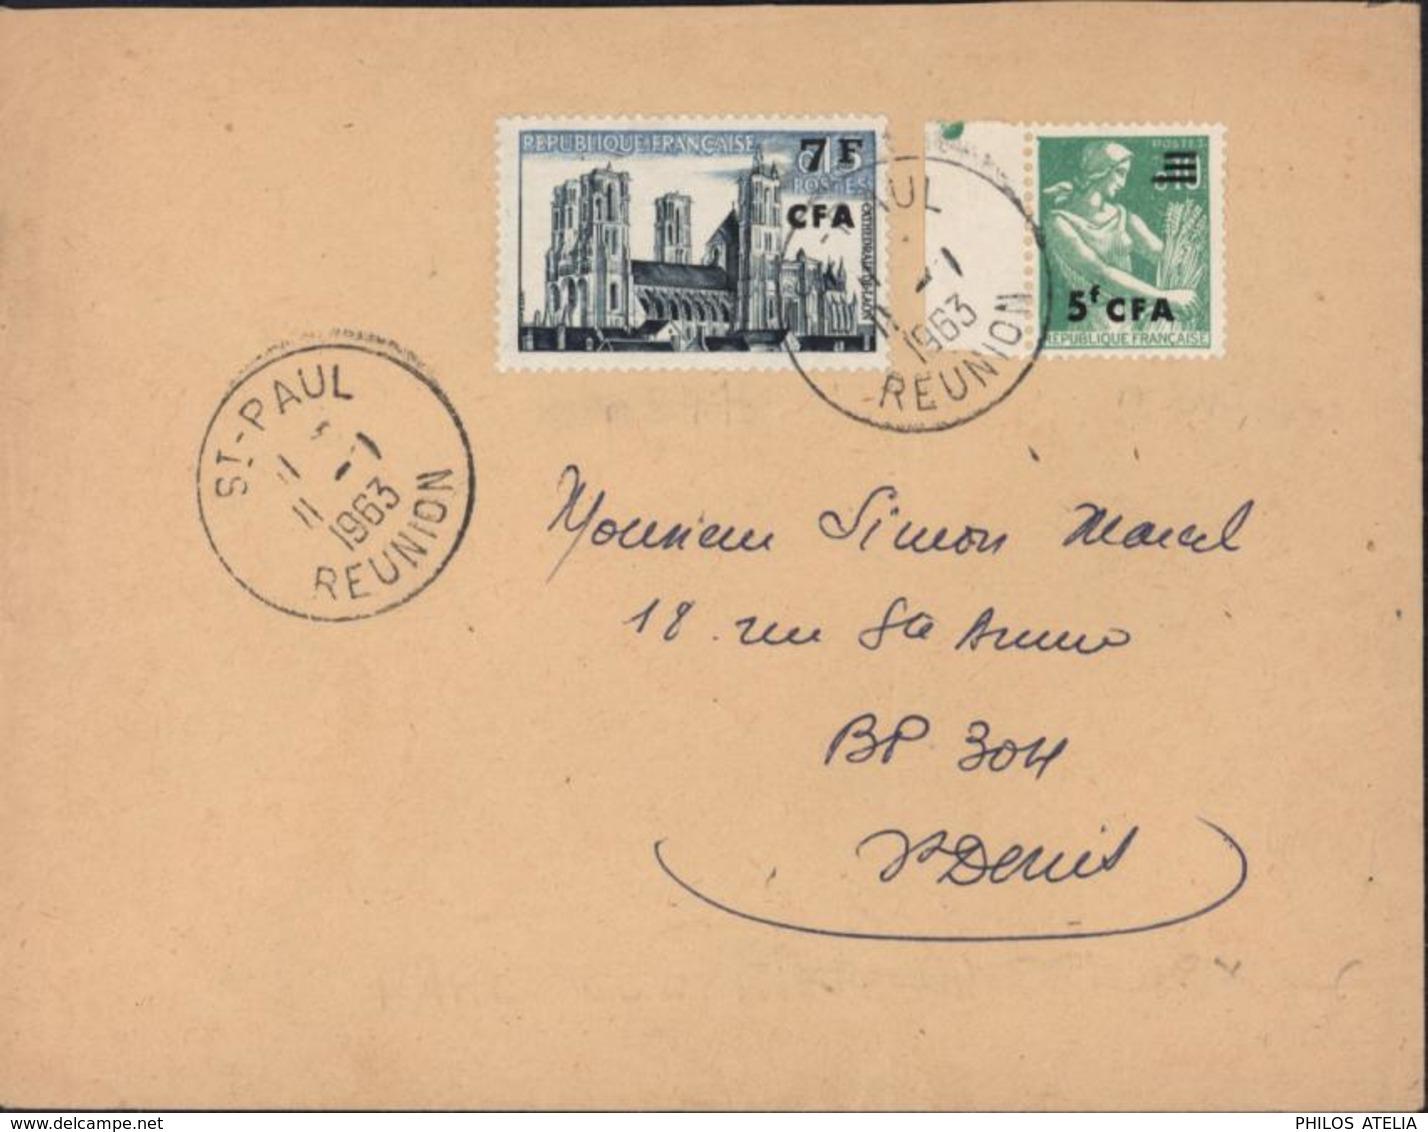 YT France 347 + 345 Surchargés CFA Rare Courrier Circulé à L'intérieur De L'île CAD St Paul Réunion 11 1 63 Pr St Denis - Used Stamps